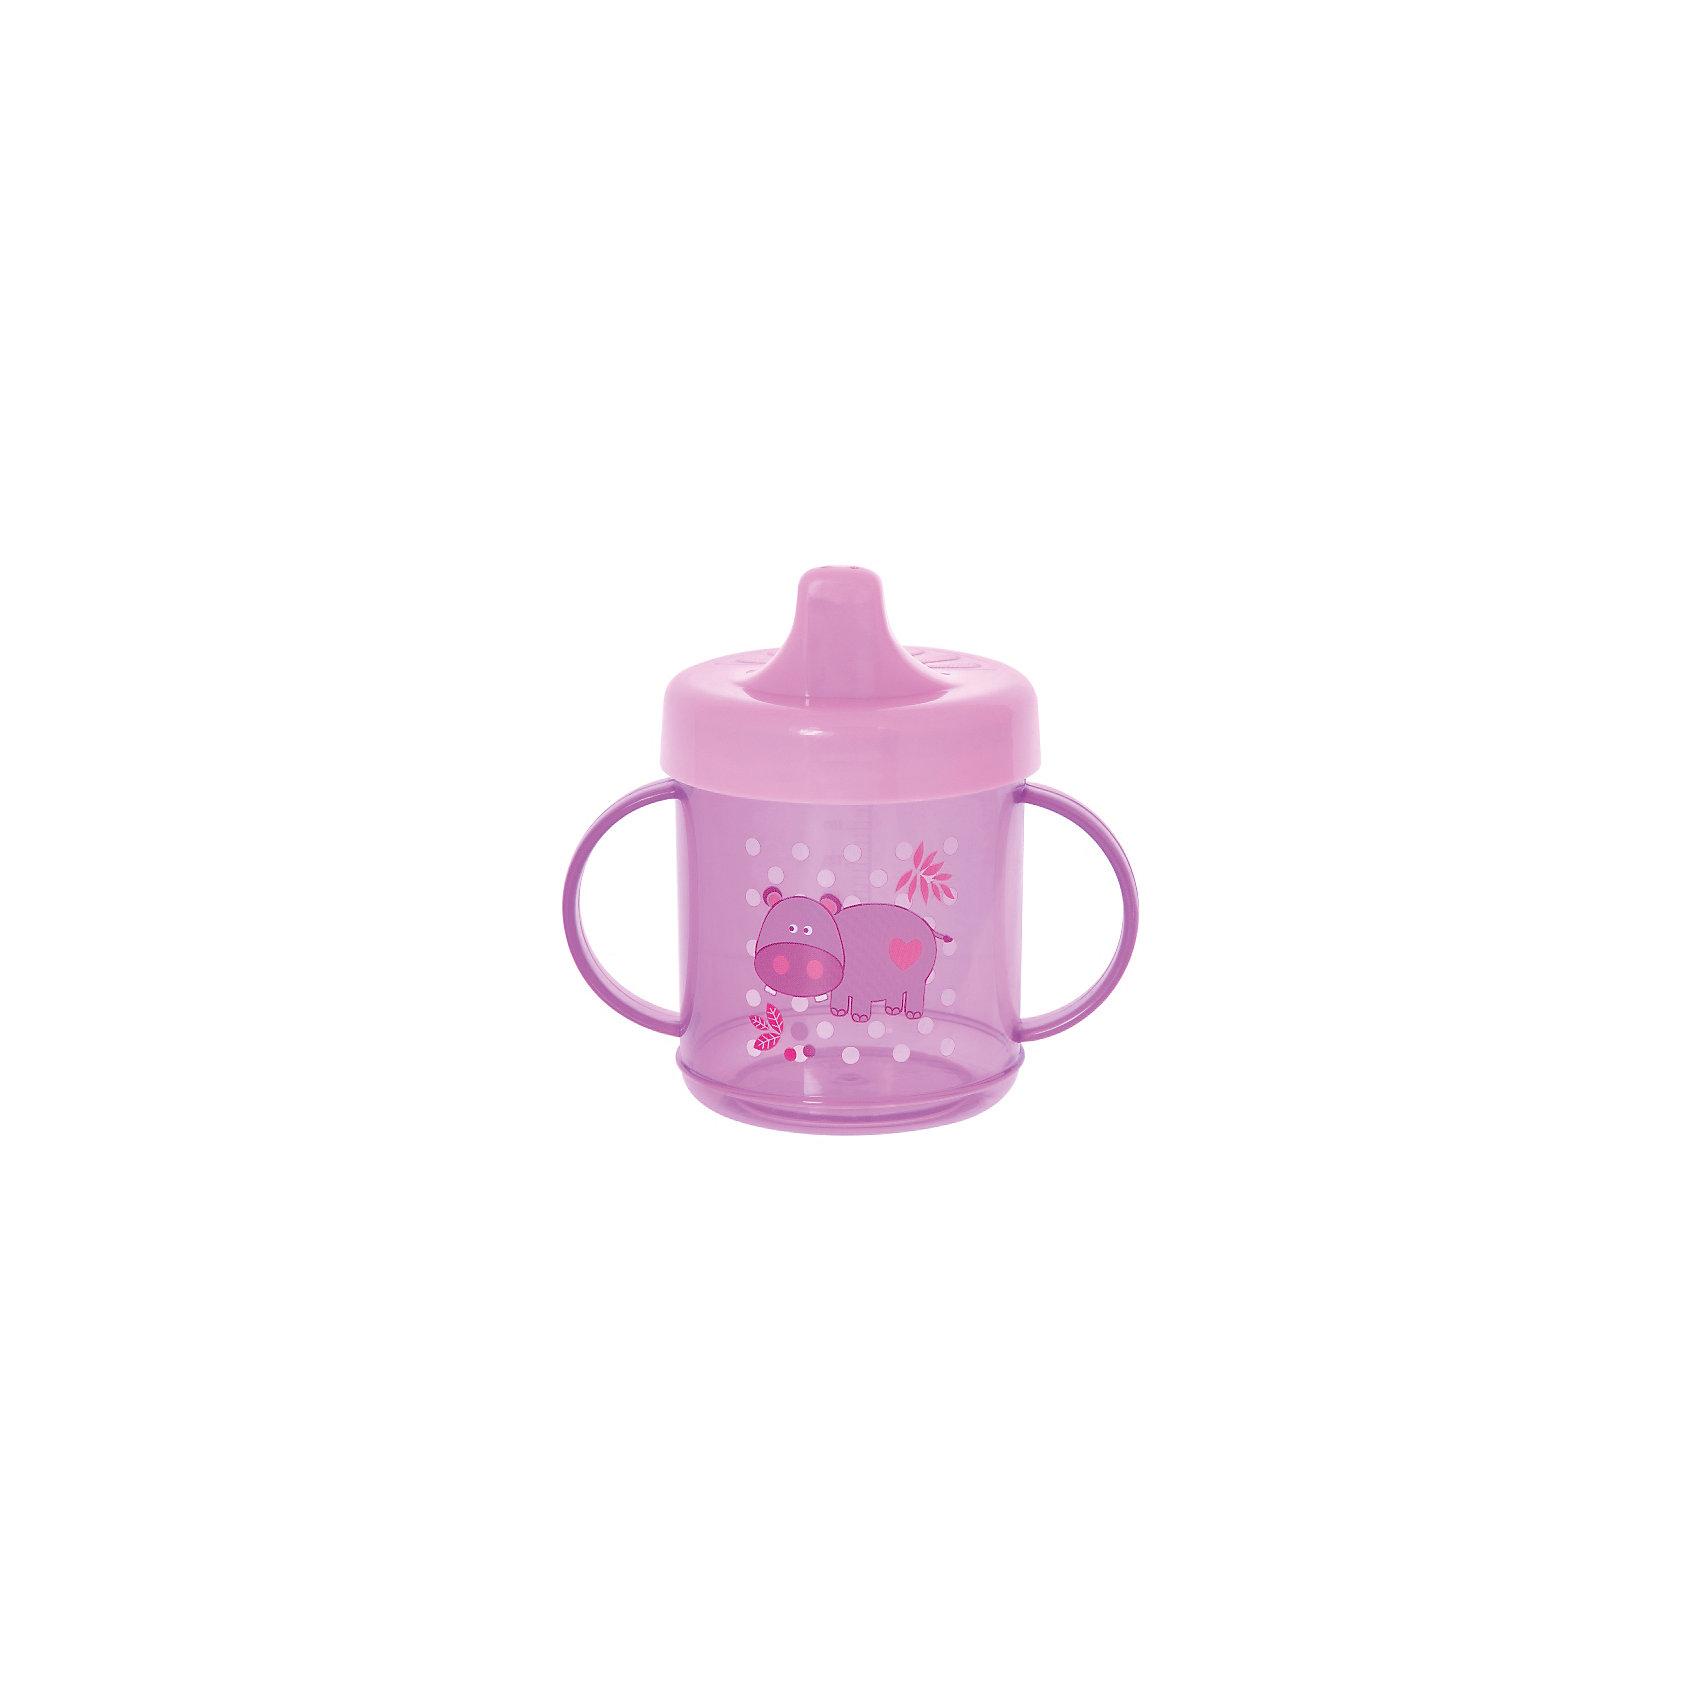 Поильник с ручками, 200 мл, Kurnosiki, фиолетовыйПоильник с силиконовым клапаном-непроливайкой помогает ребенку научиться пить из чашки благодаря специальному носику. Прозрачные стенки позволяют легко определить количество жидкости в поильнике.<br><br>Ширина мм: 70<br>Глубина мм: 120<br>Высота мм: 165<br>Вес г: 104<br>Возраст от месяцев: 4<br>Возраст до месяцев: 36<br>Пол: Женский<br>Возраст: Детский<br>SKU: 5428742